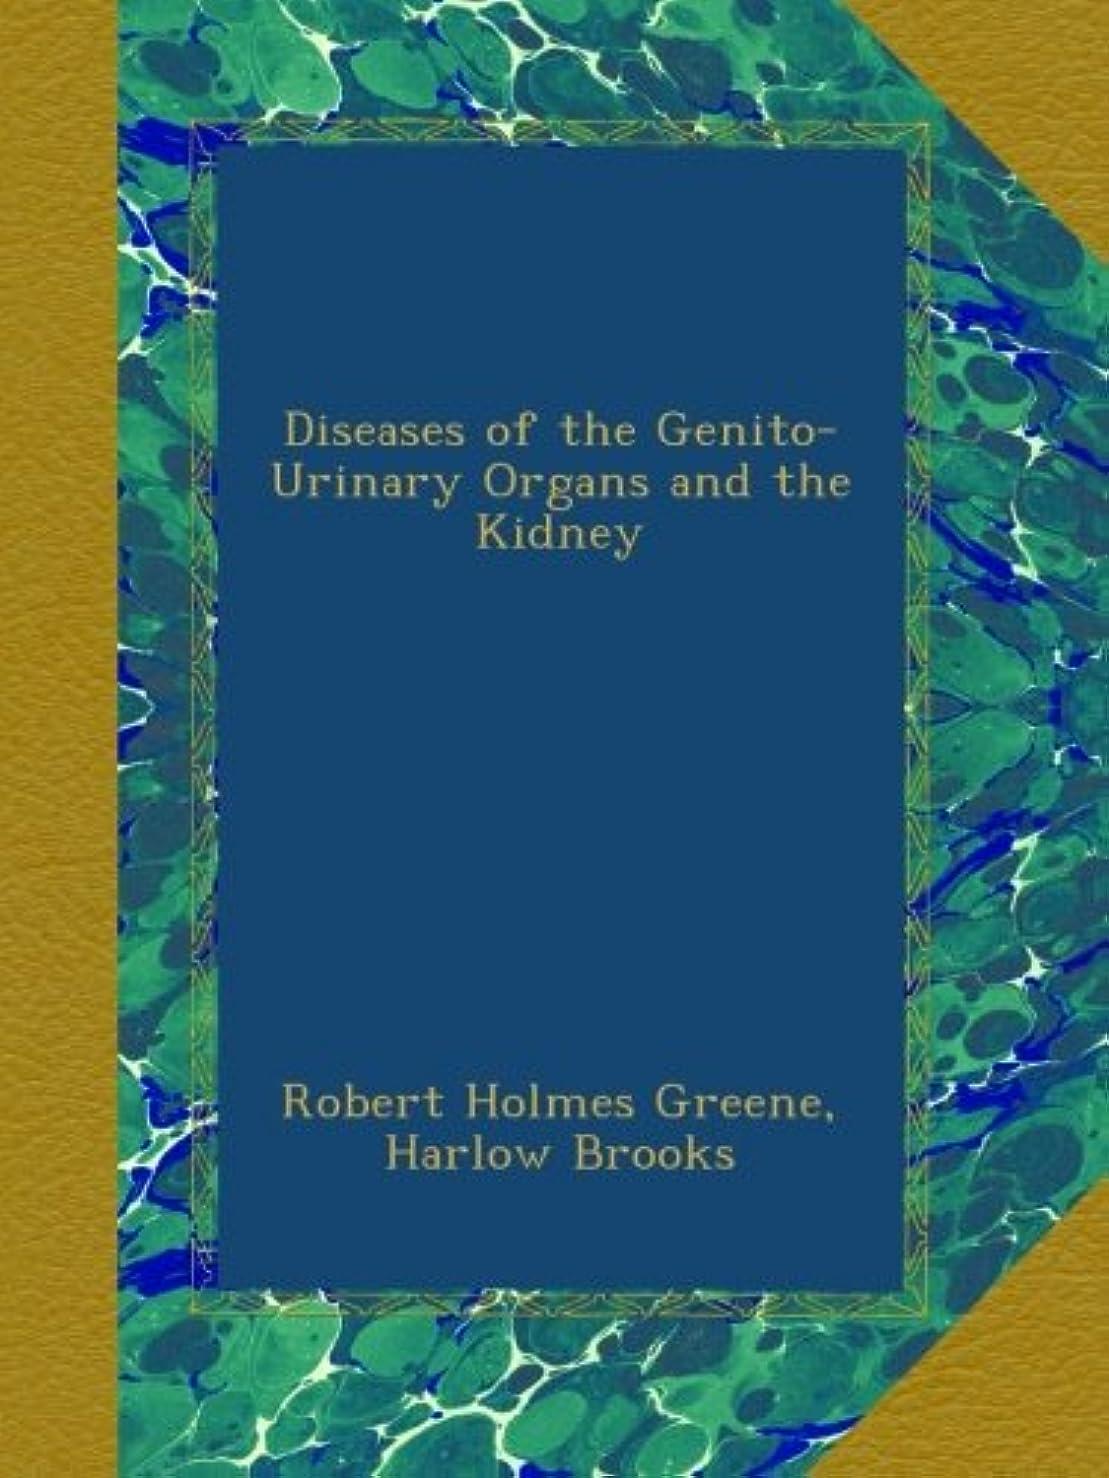 緯度魚抑制Diseases of the Genito-Urinary Organs and the Kidney